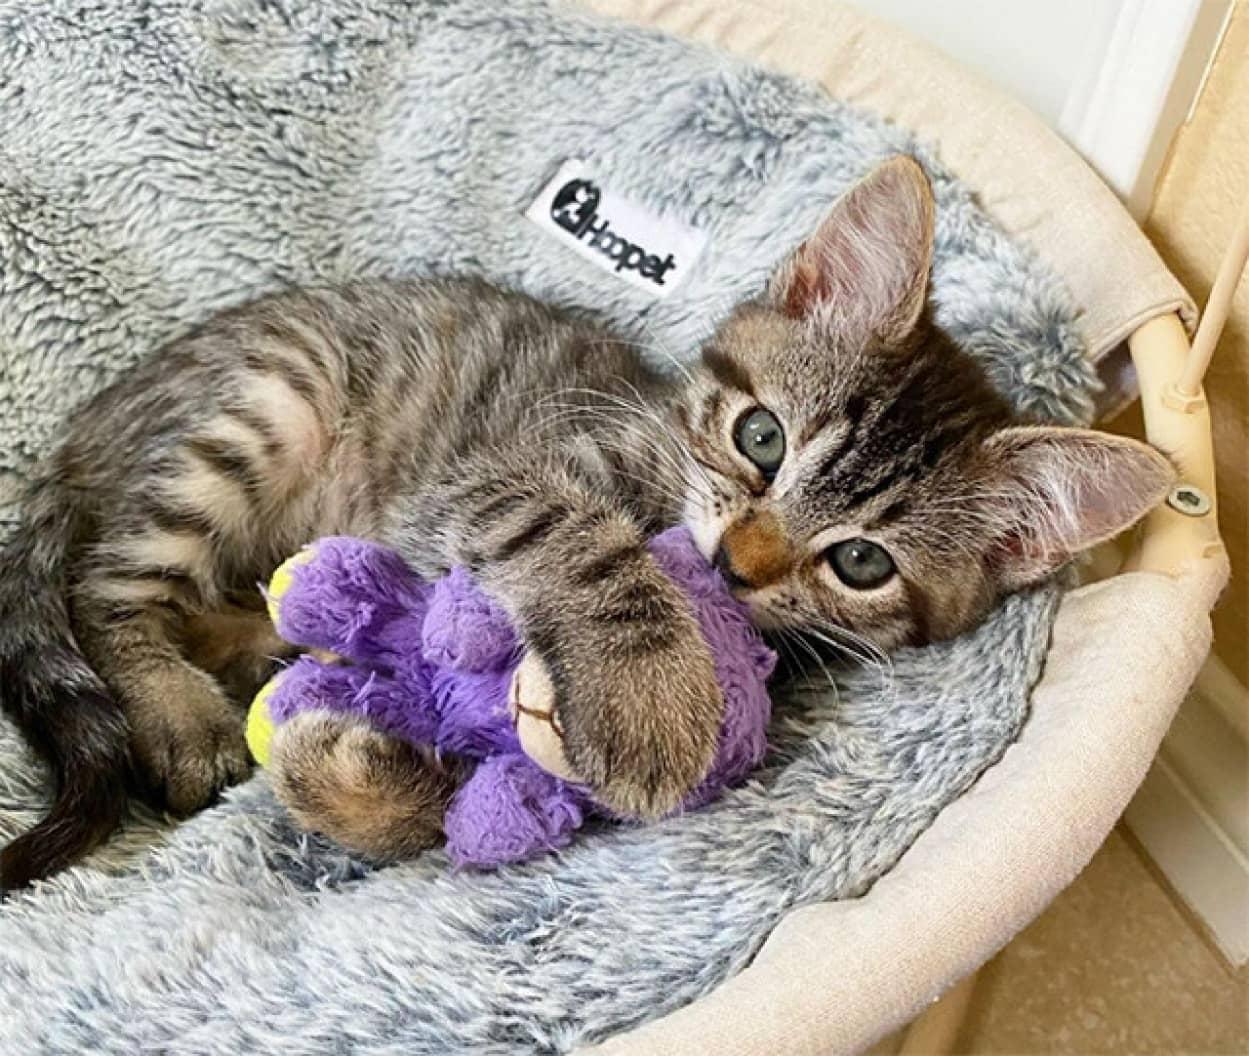 お気に入りのぬいぐるみに出会った子猫、健康状態がぐんぐん回復